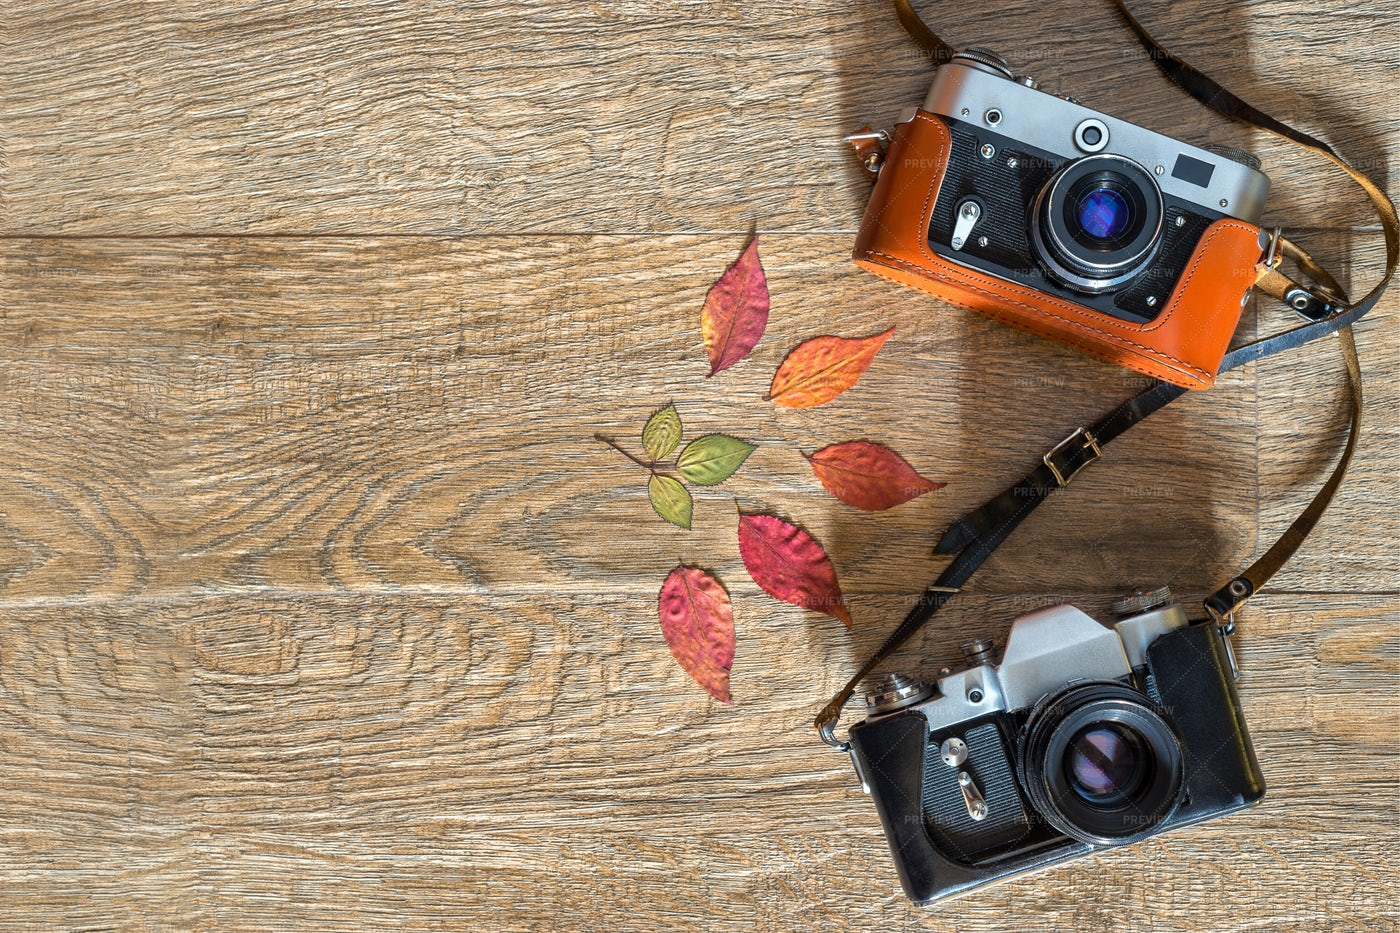 Old Retro Photo Cameras: Stock Photos